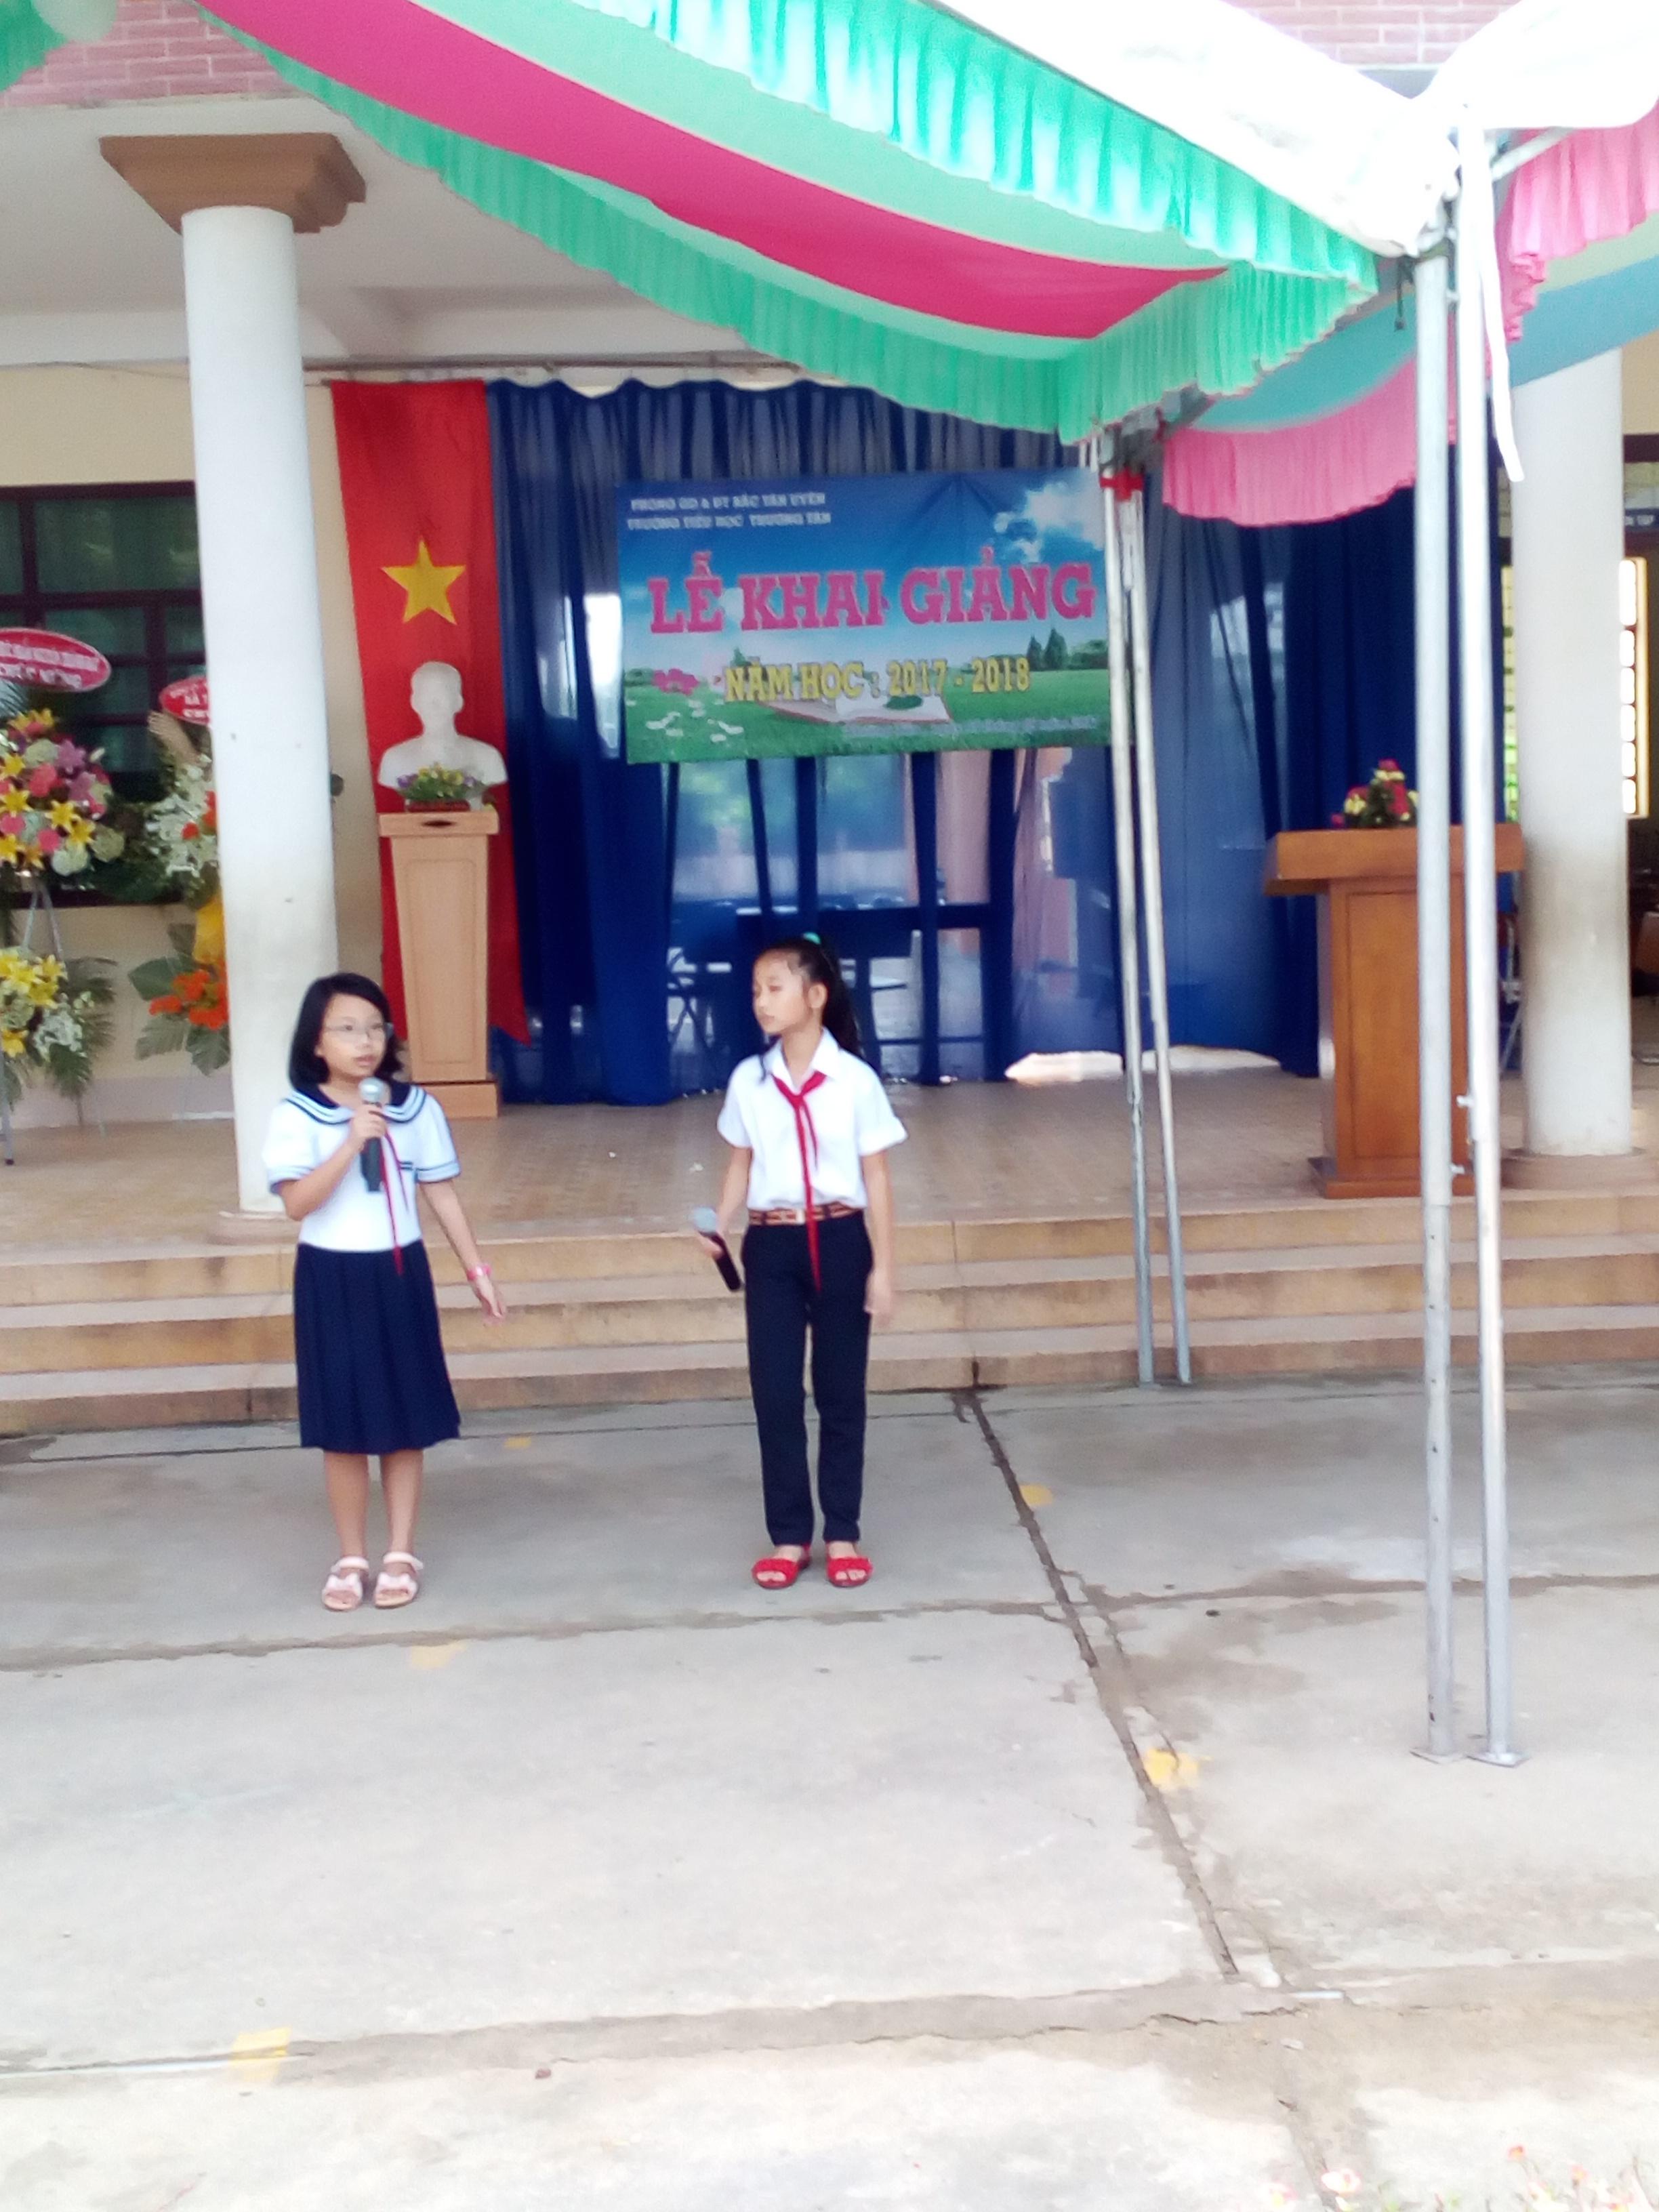 Quyết định công nhận trường Tiểu học Thường Tân đạt chuẩn Quốc gia mức độ 1